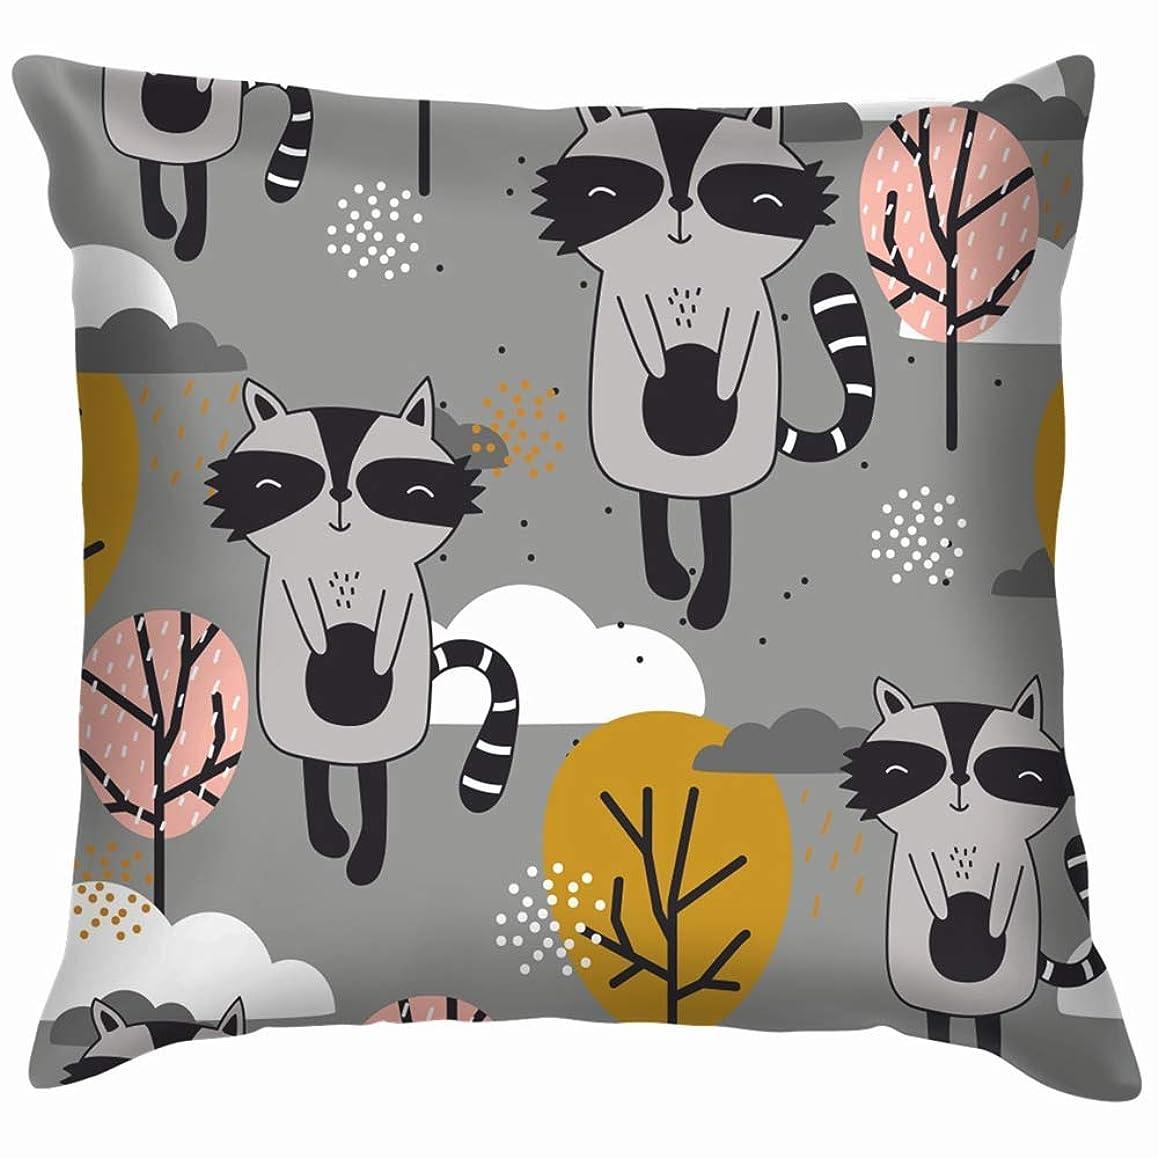 ストレス理論的招待ハッピーアライグマ手描きの背景カラフルな動物野生動物投げる枕カバーホームソファクッションカバー枕カバーギフト45x45 cm